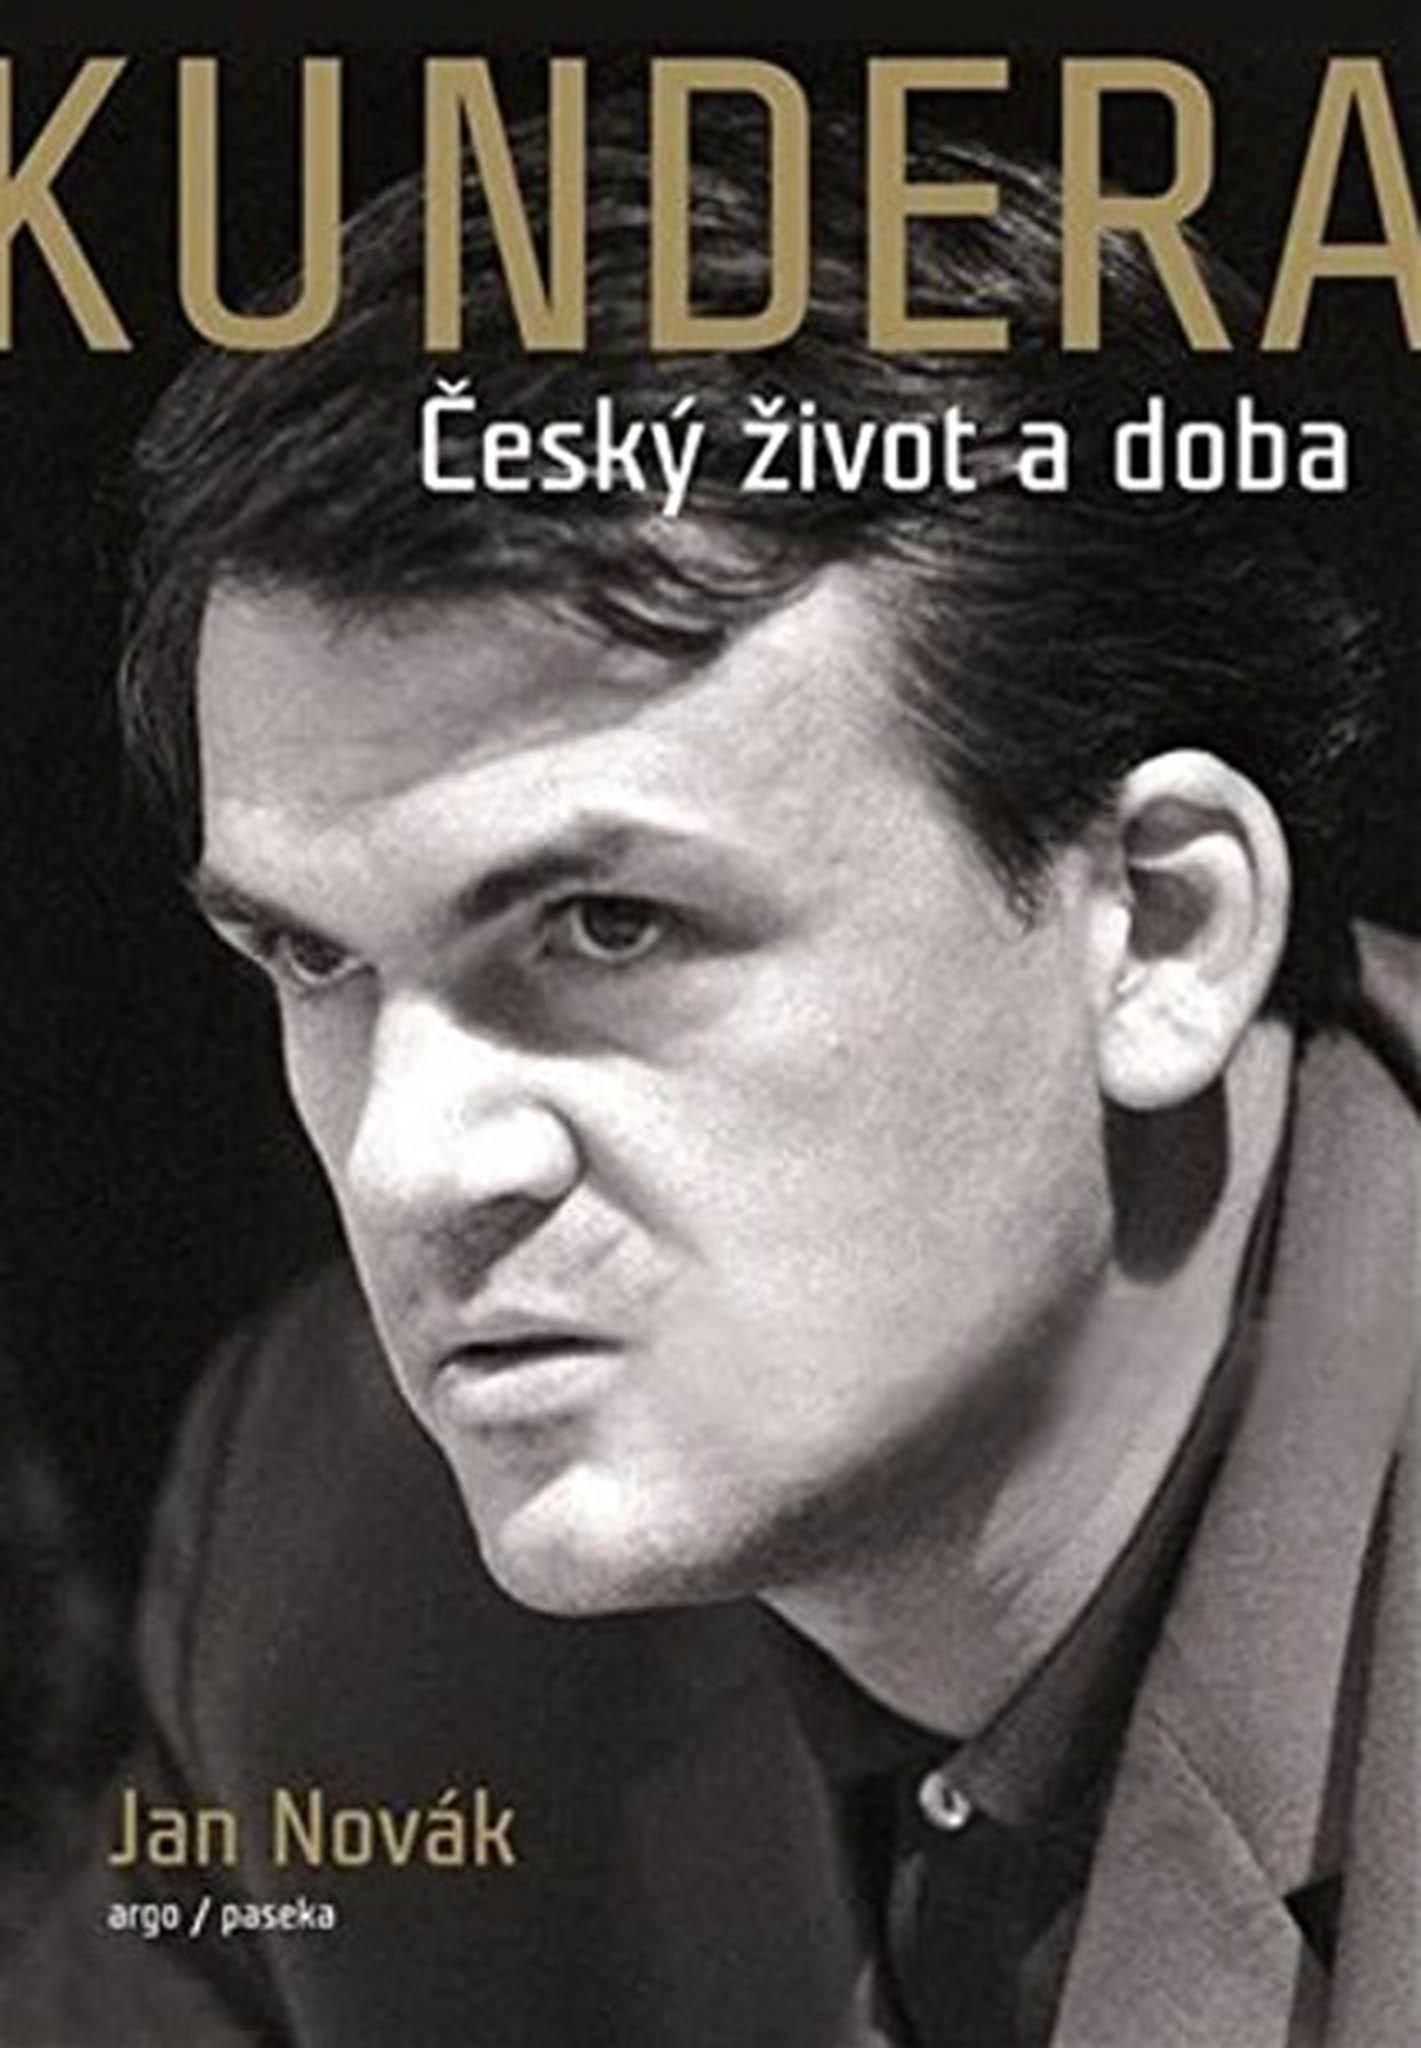 Jan Novák: Kundera – Český život a doba, Argo, Paseka, 2020